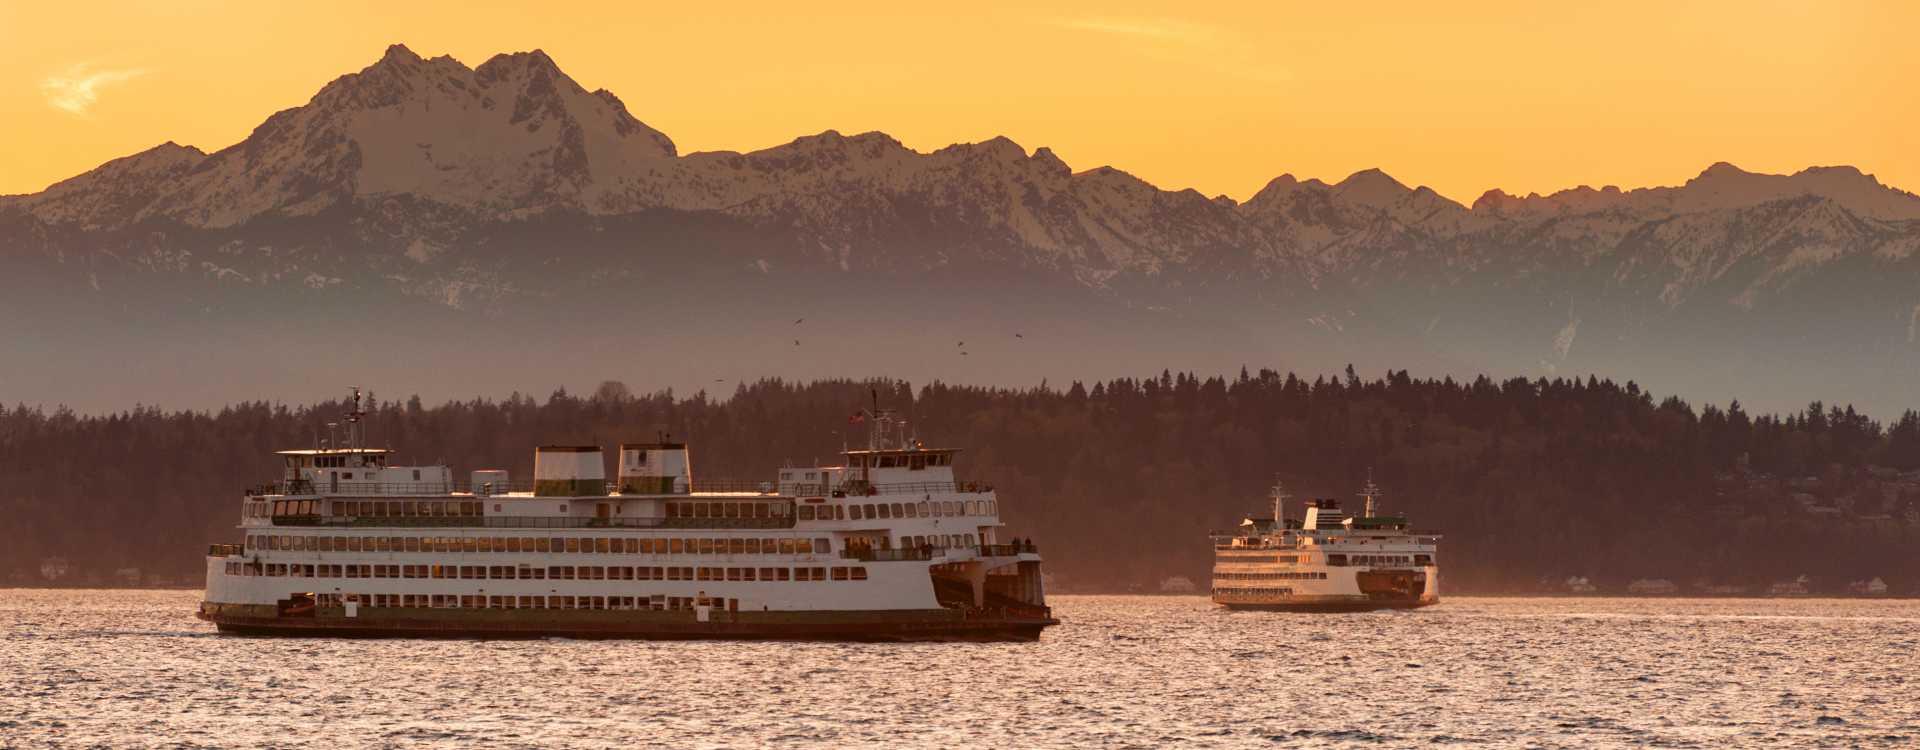 Washington State Ferries in Puget Sound